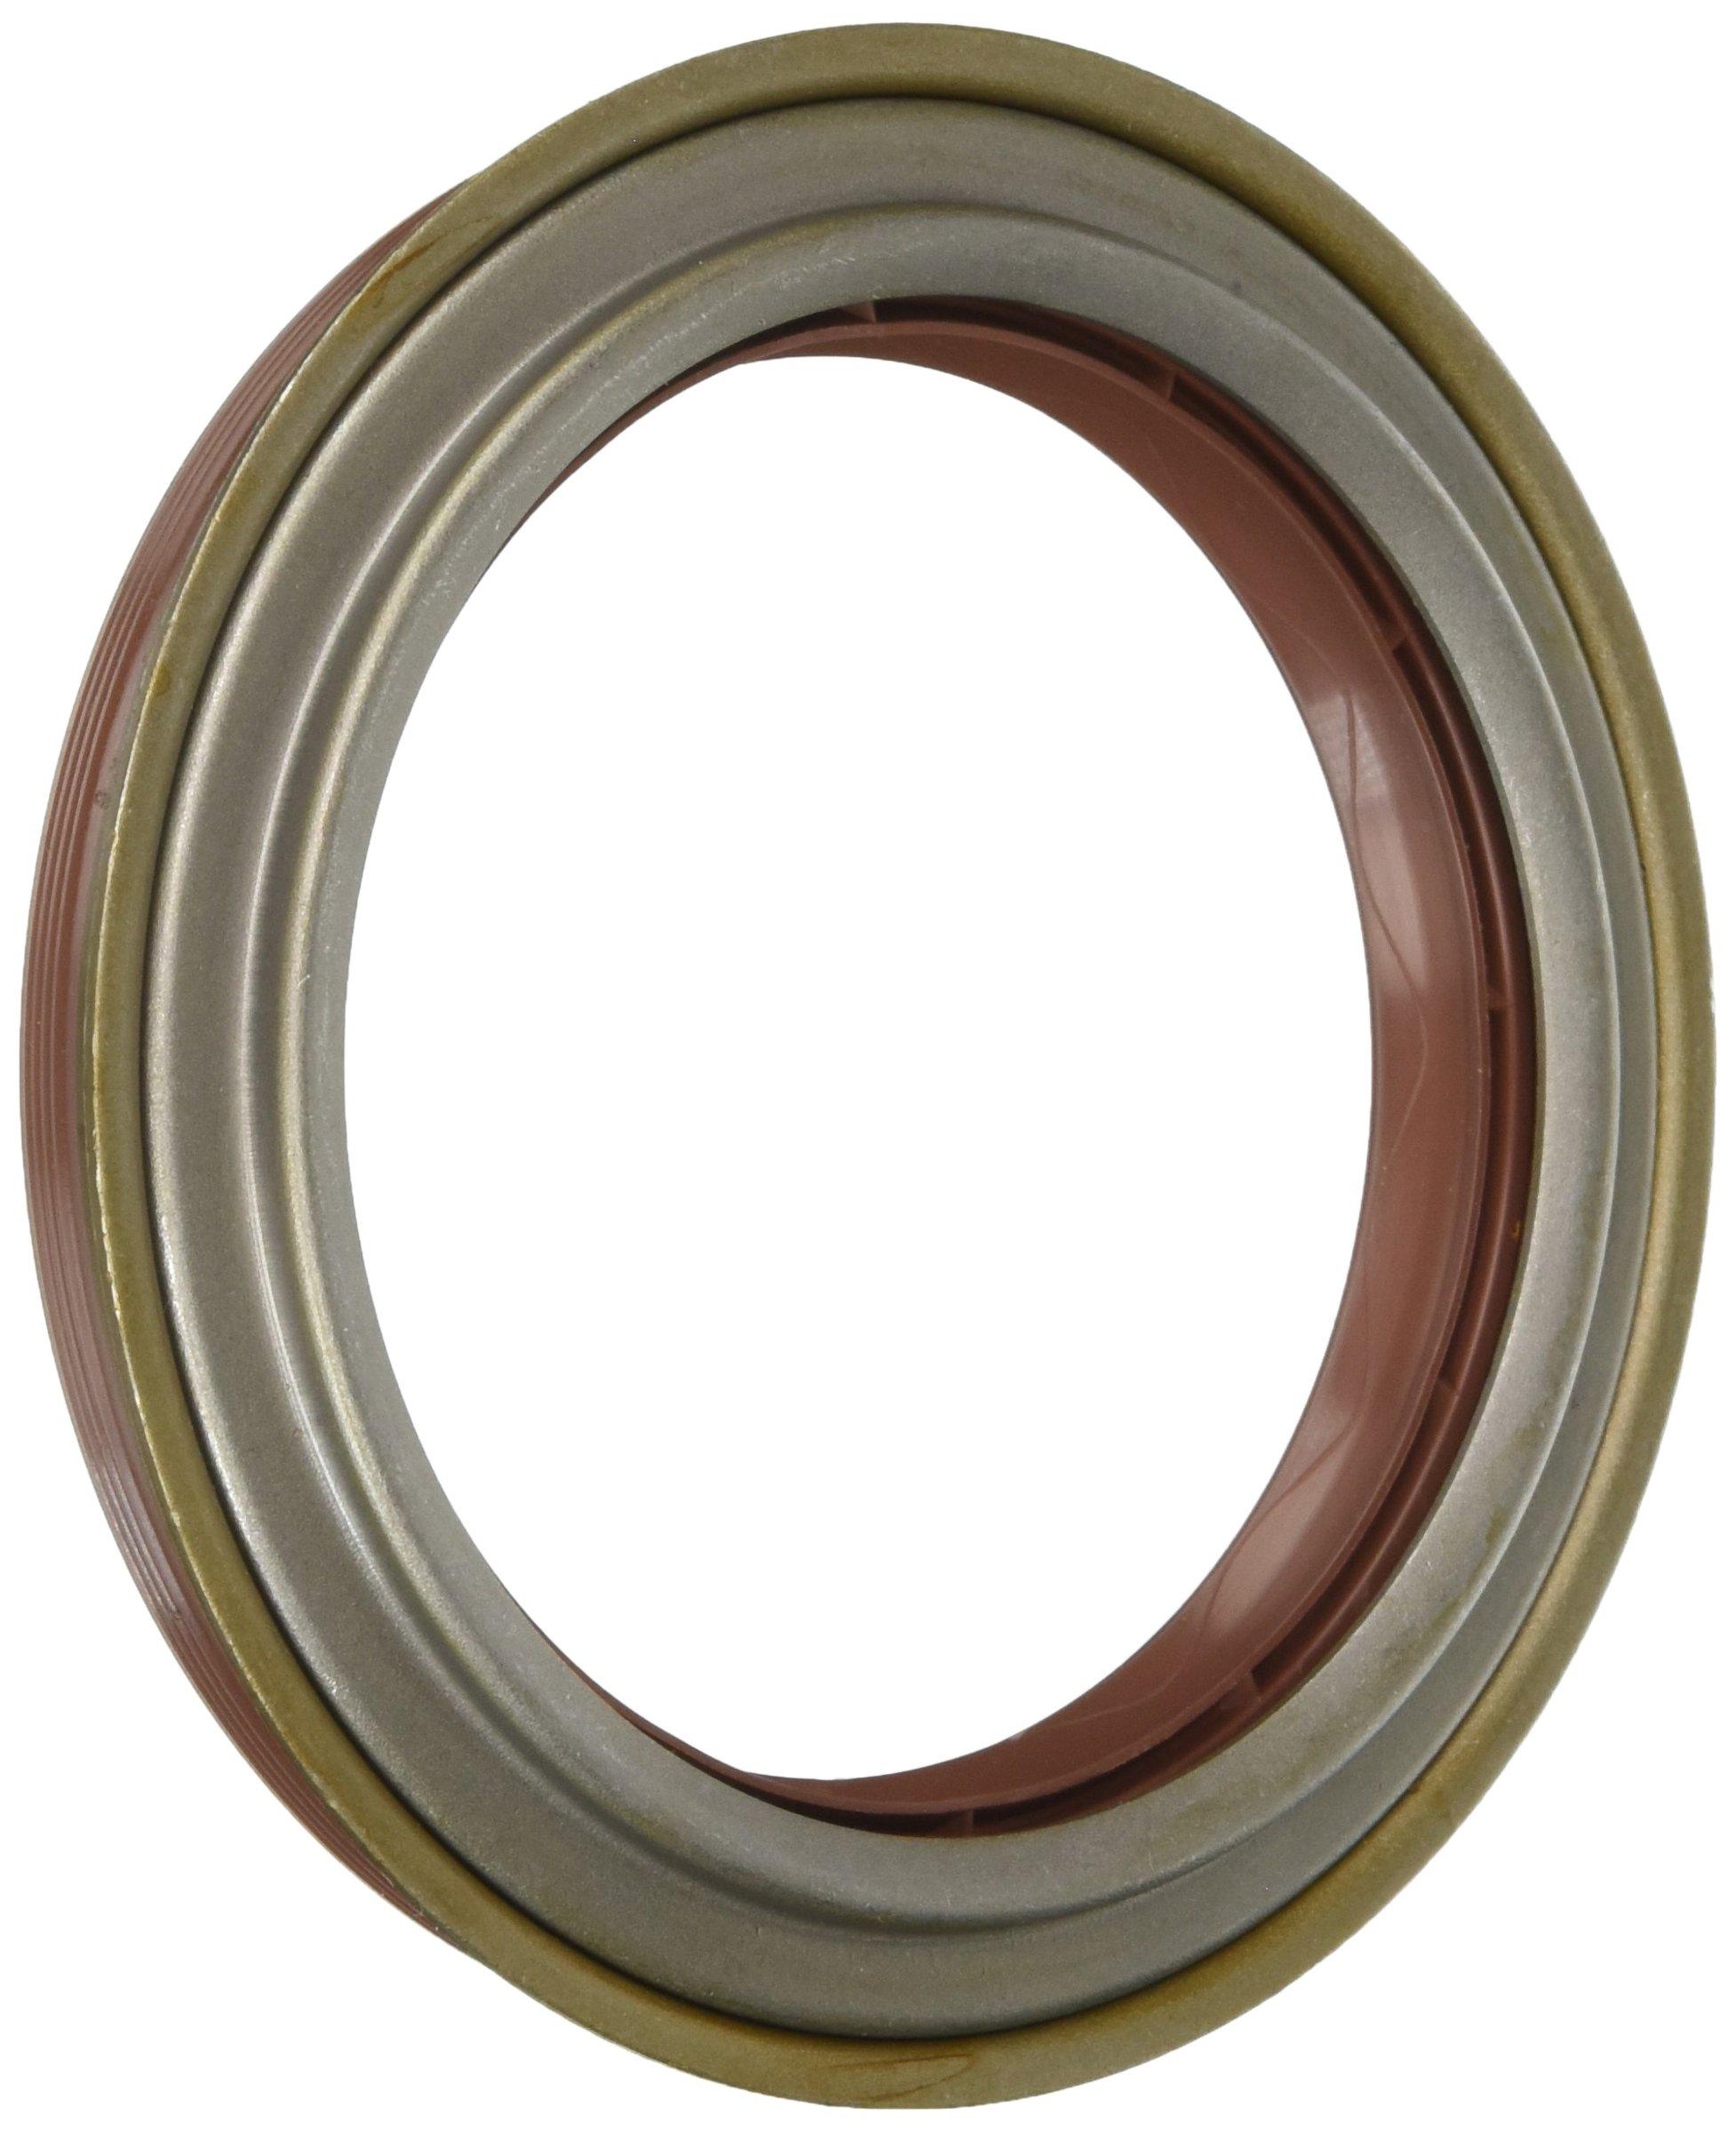 Centric 417.65012 Premium Oil Seal